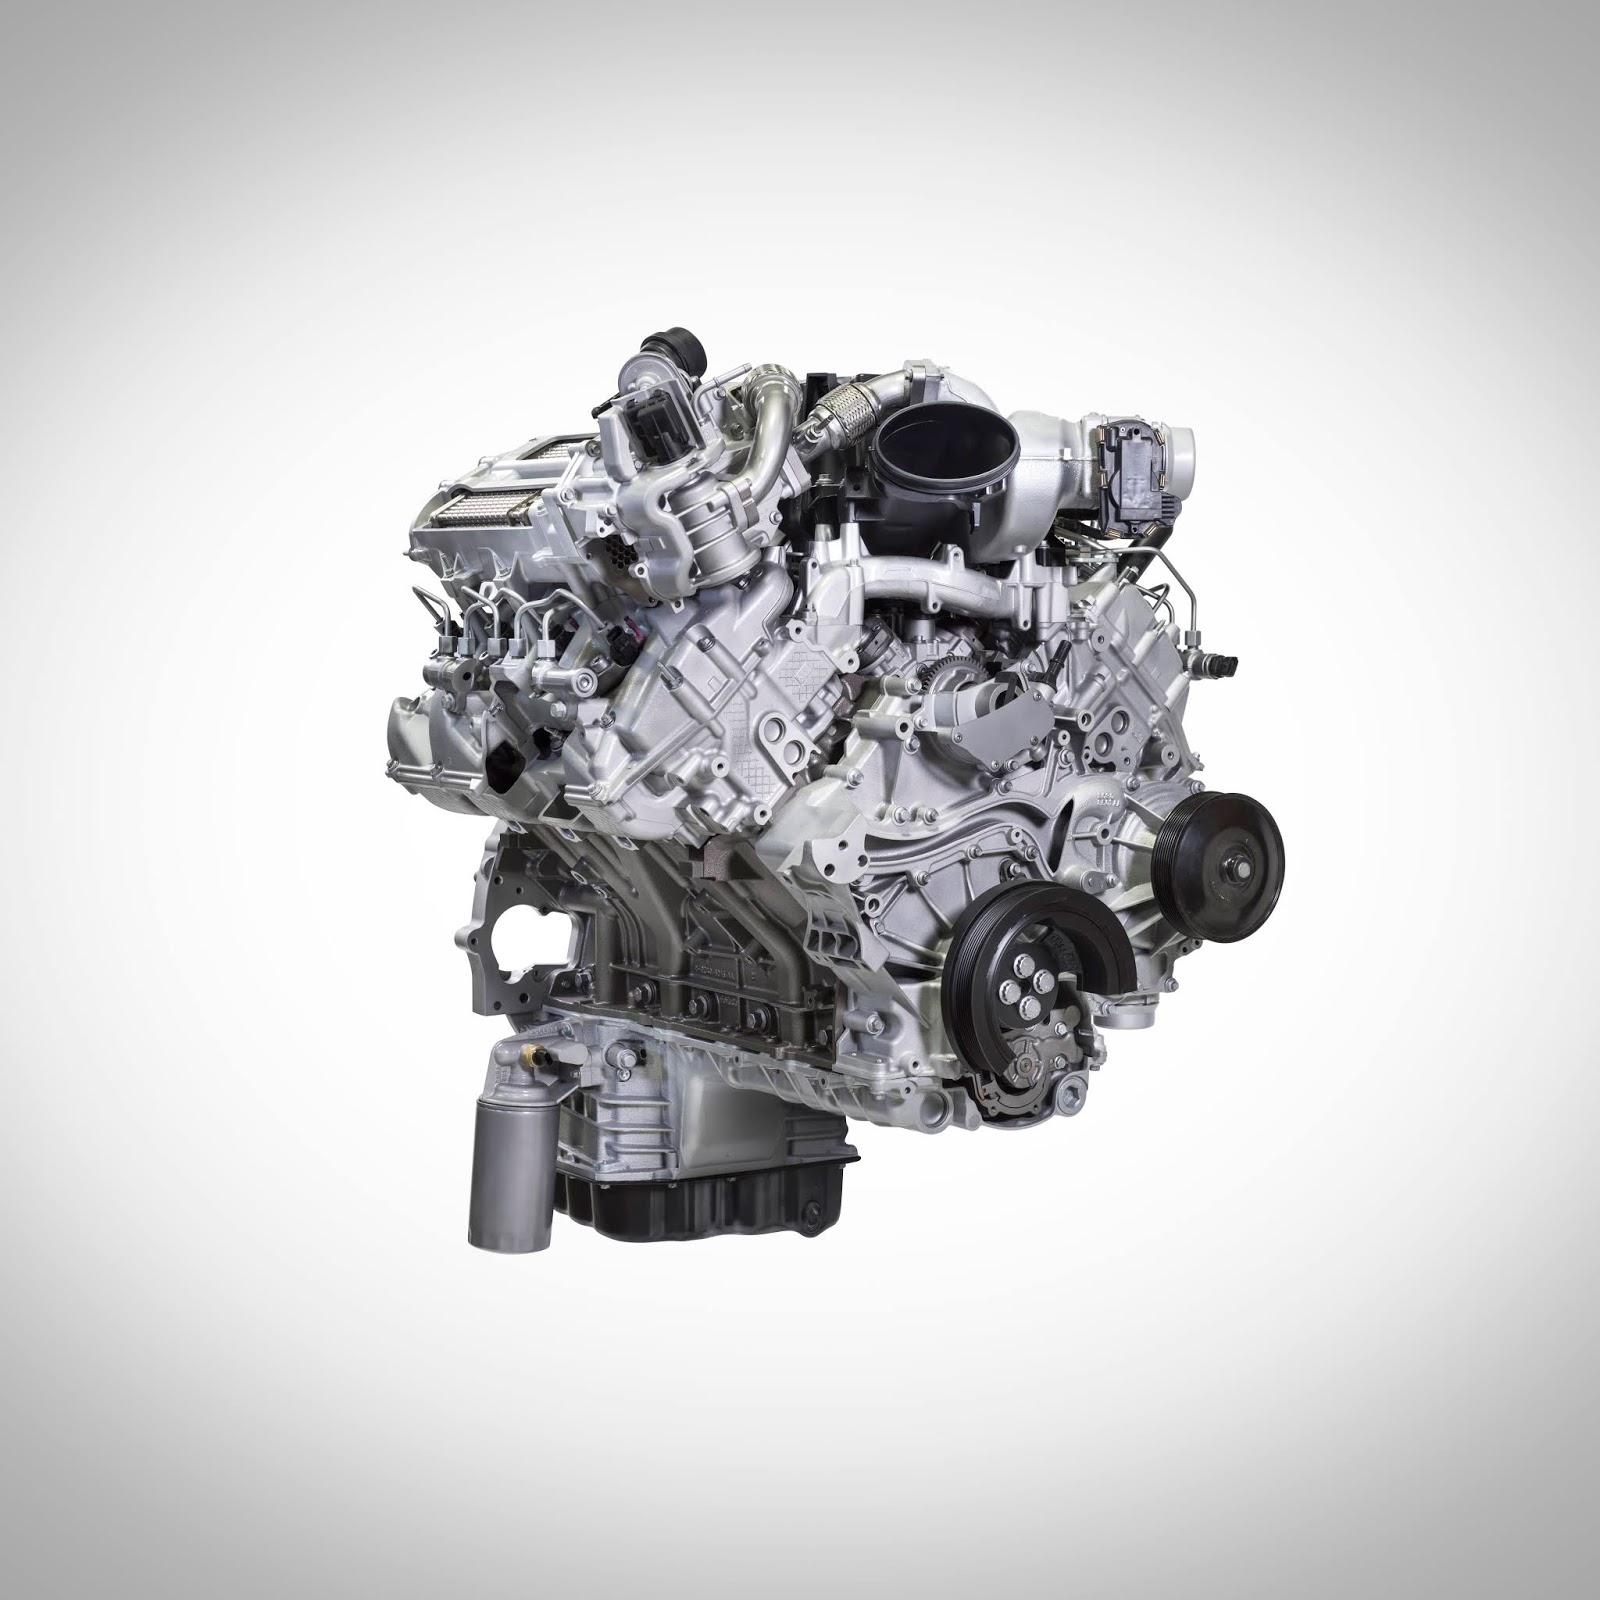 2020 ford super duty trucks all new 7 3l gas v8 engine. Black Bedroom Furniture Sets. Home Design Ideas